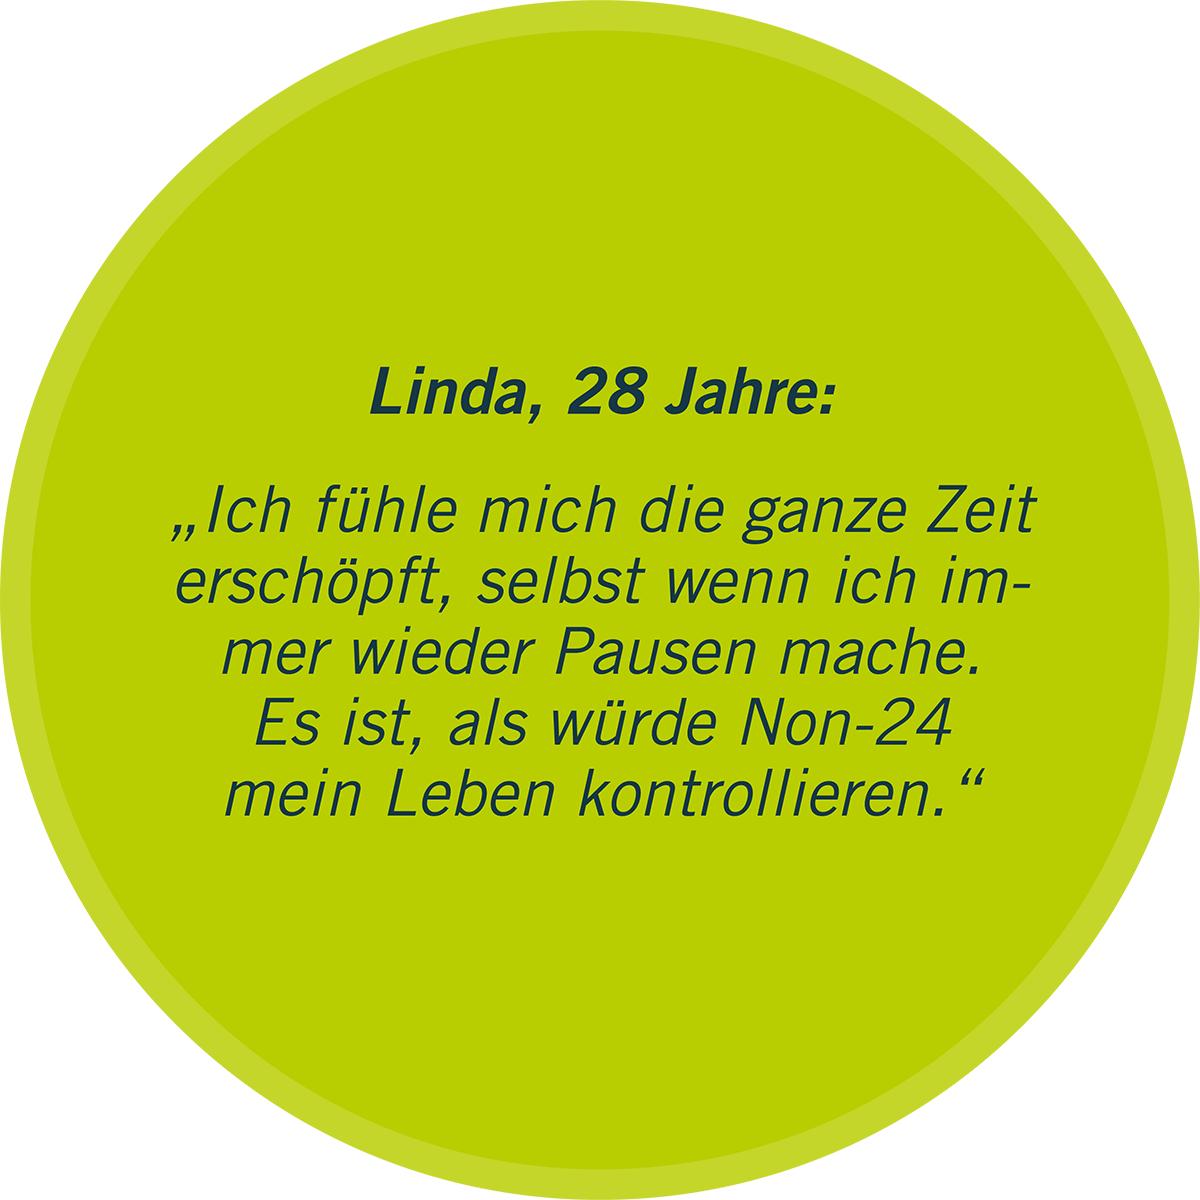 """Zu sehen ist in einer grünen Sprechblase ein Statement von Linda, 28 Jahre: """"Ich fühle mich die ganze Zeit erschöpft, selbst wenn ich immer wieder Pausen mache. Es ist, als würde Non-24 mein Leben kontrollieren."""""""